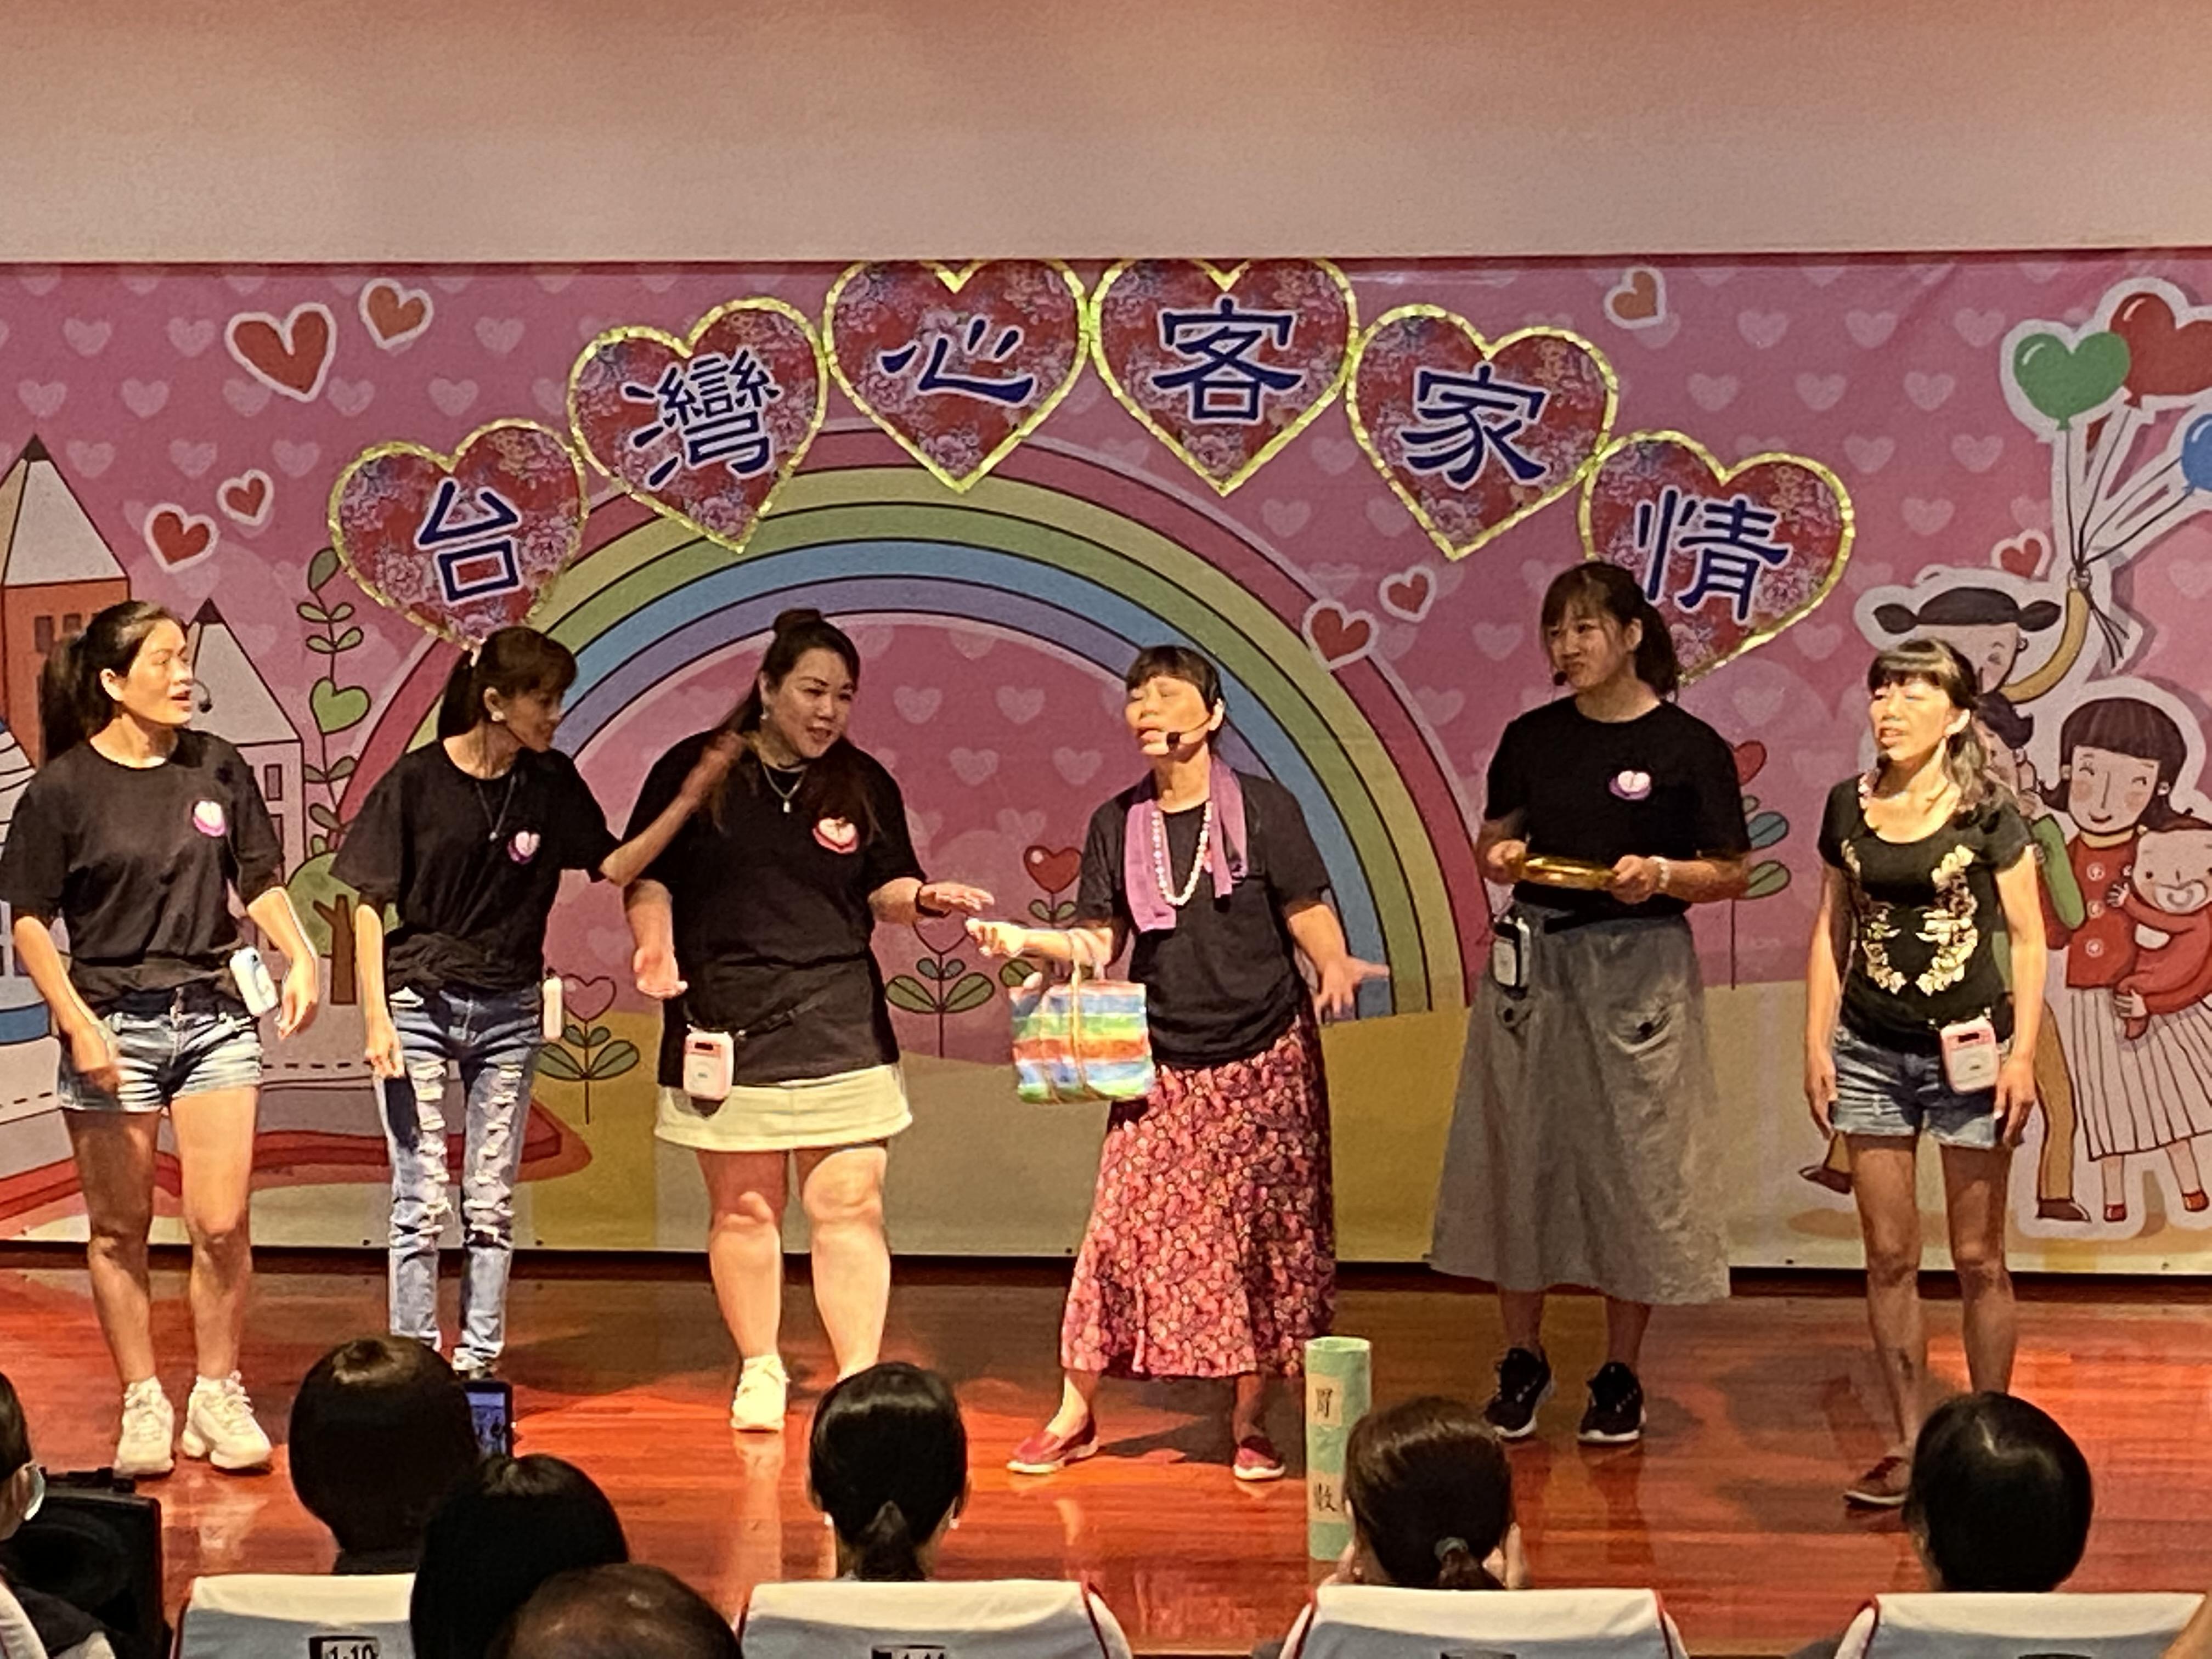 苗栗新住民首齣客家舞台劇-台灣心客家情,演繹自己的人生故事